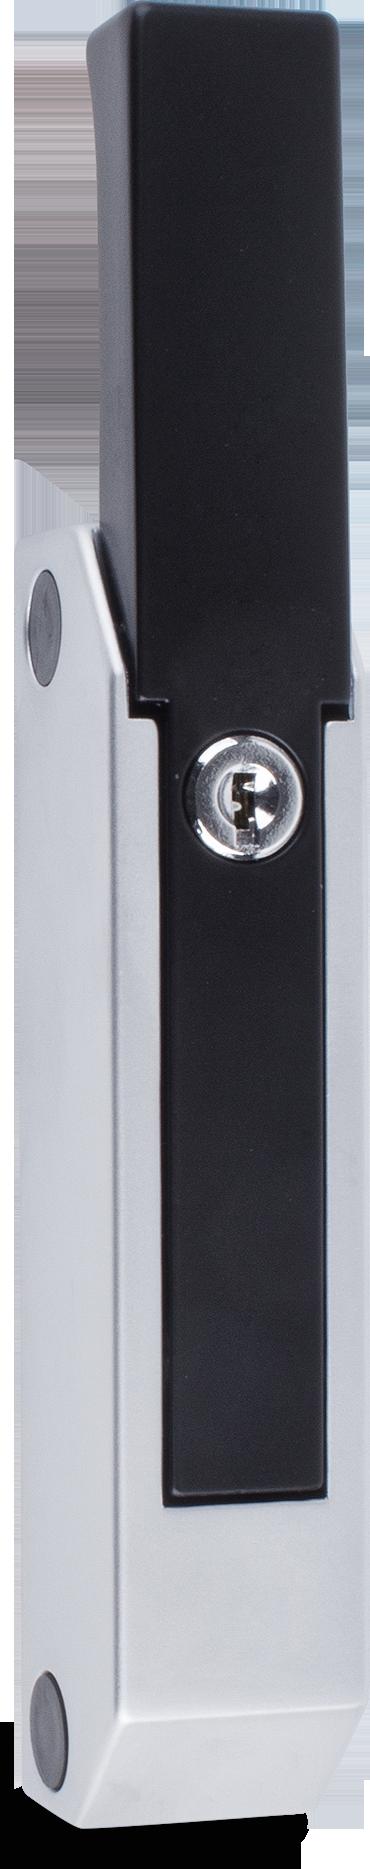 Verschluss Zink-Druckguss, EPS beschichtet schwarz RAL 9005, Kappe Kunststoff, matt verchromt, rechts und links verwendbar, mit Zylinder, mit 2 Schlüssel, verschiedenschließend, seitliche Montage